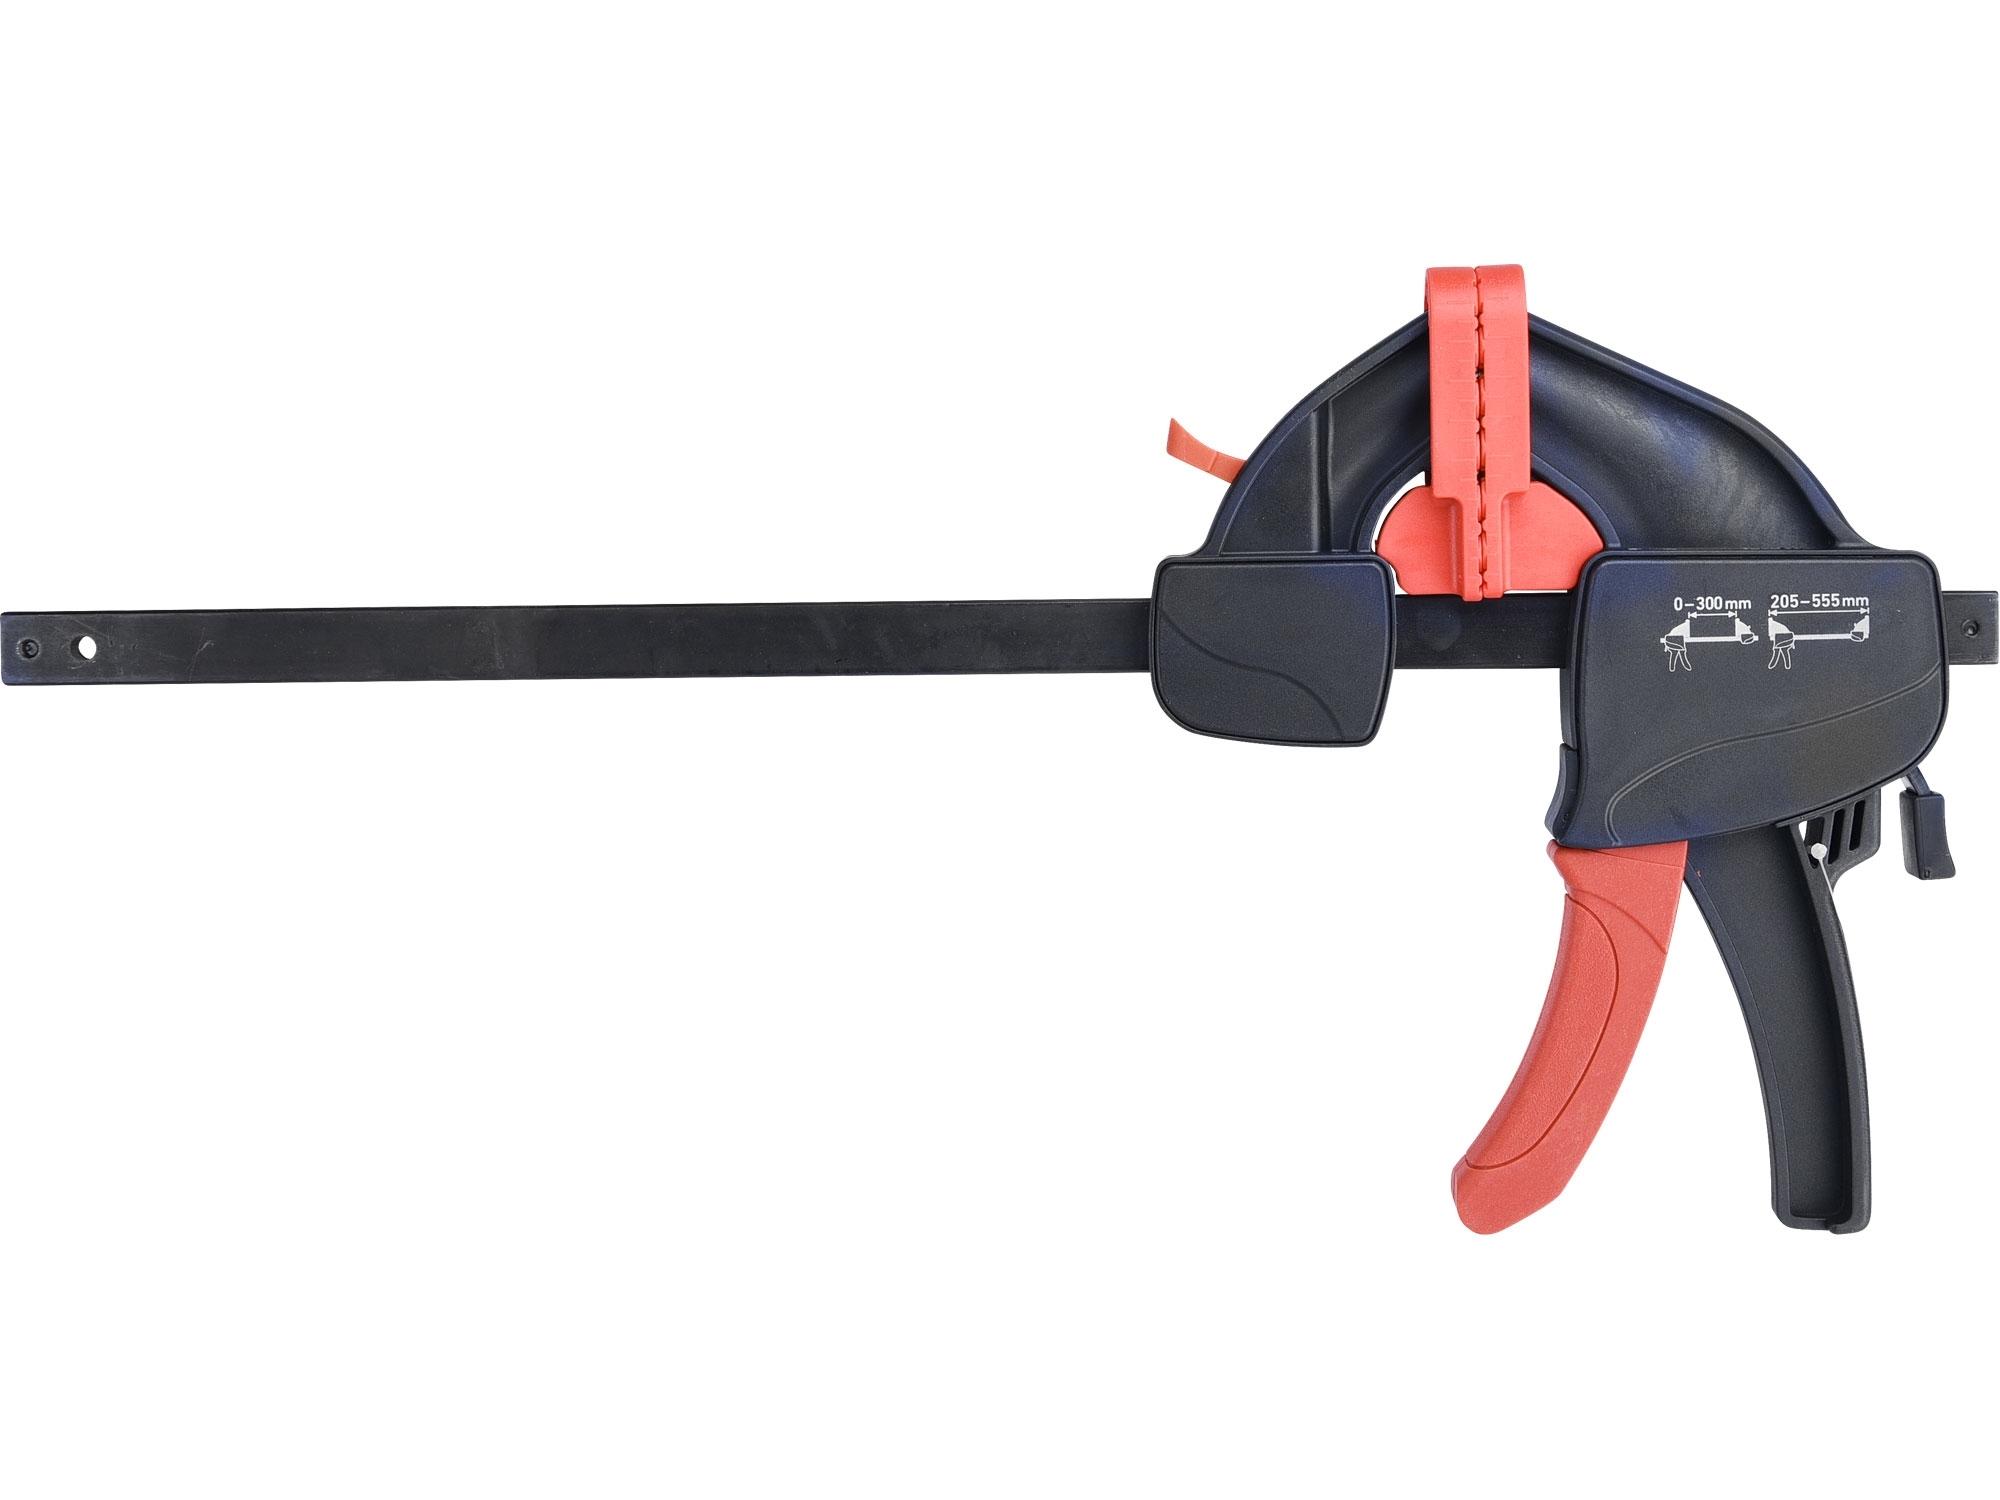 svěrka rychloupínací, 300mm, 205-555mm, EXTOL PREMIUM 8815213